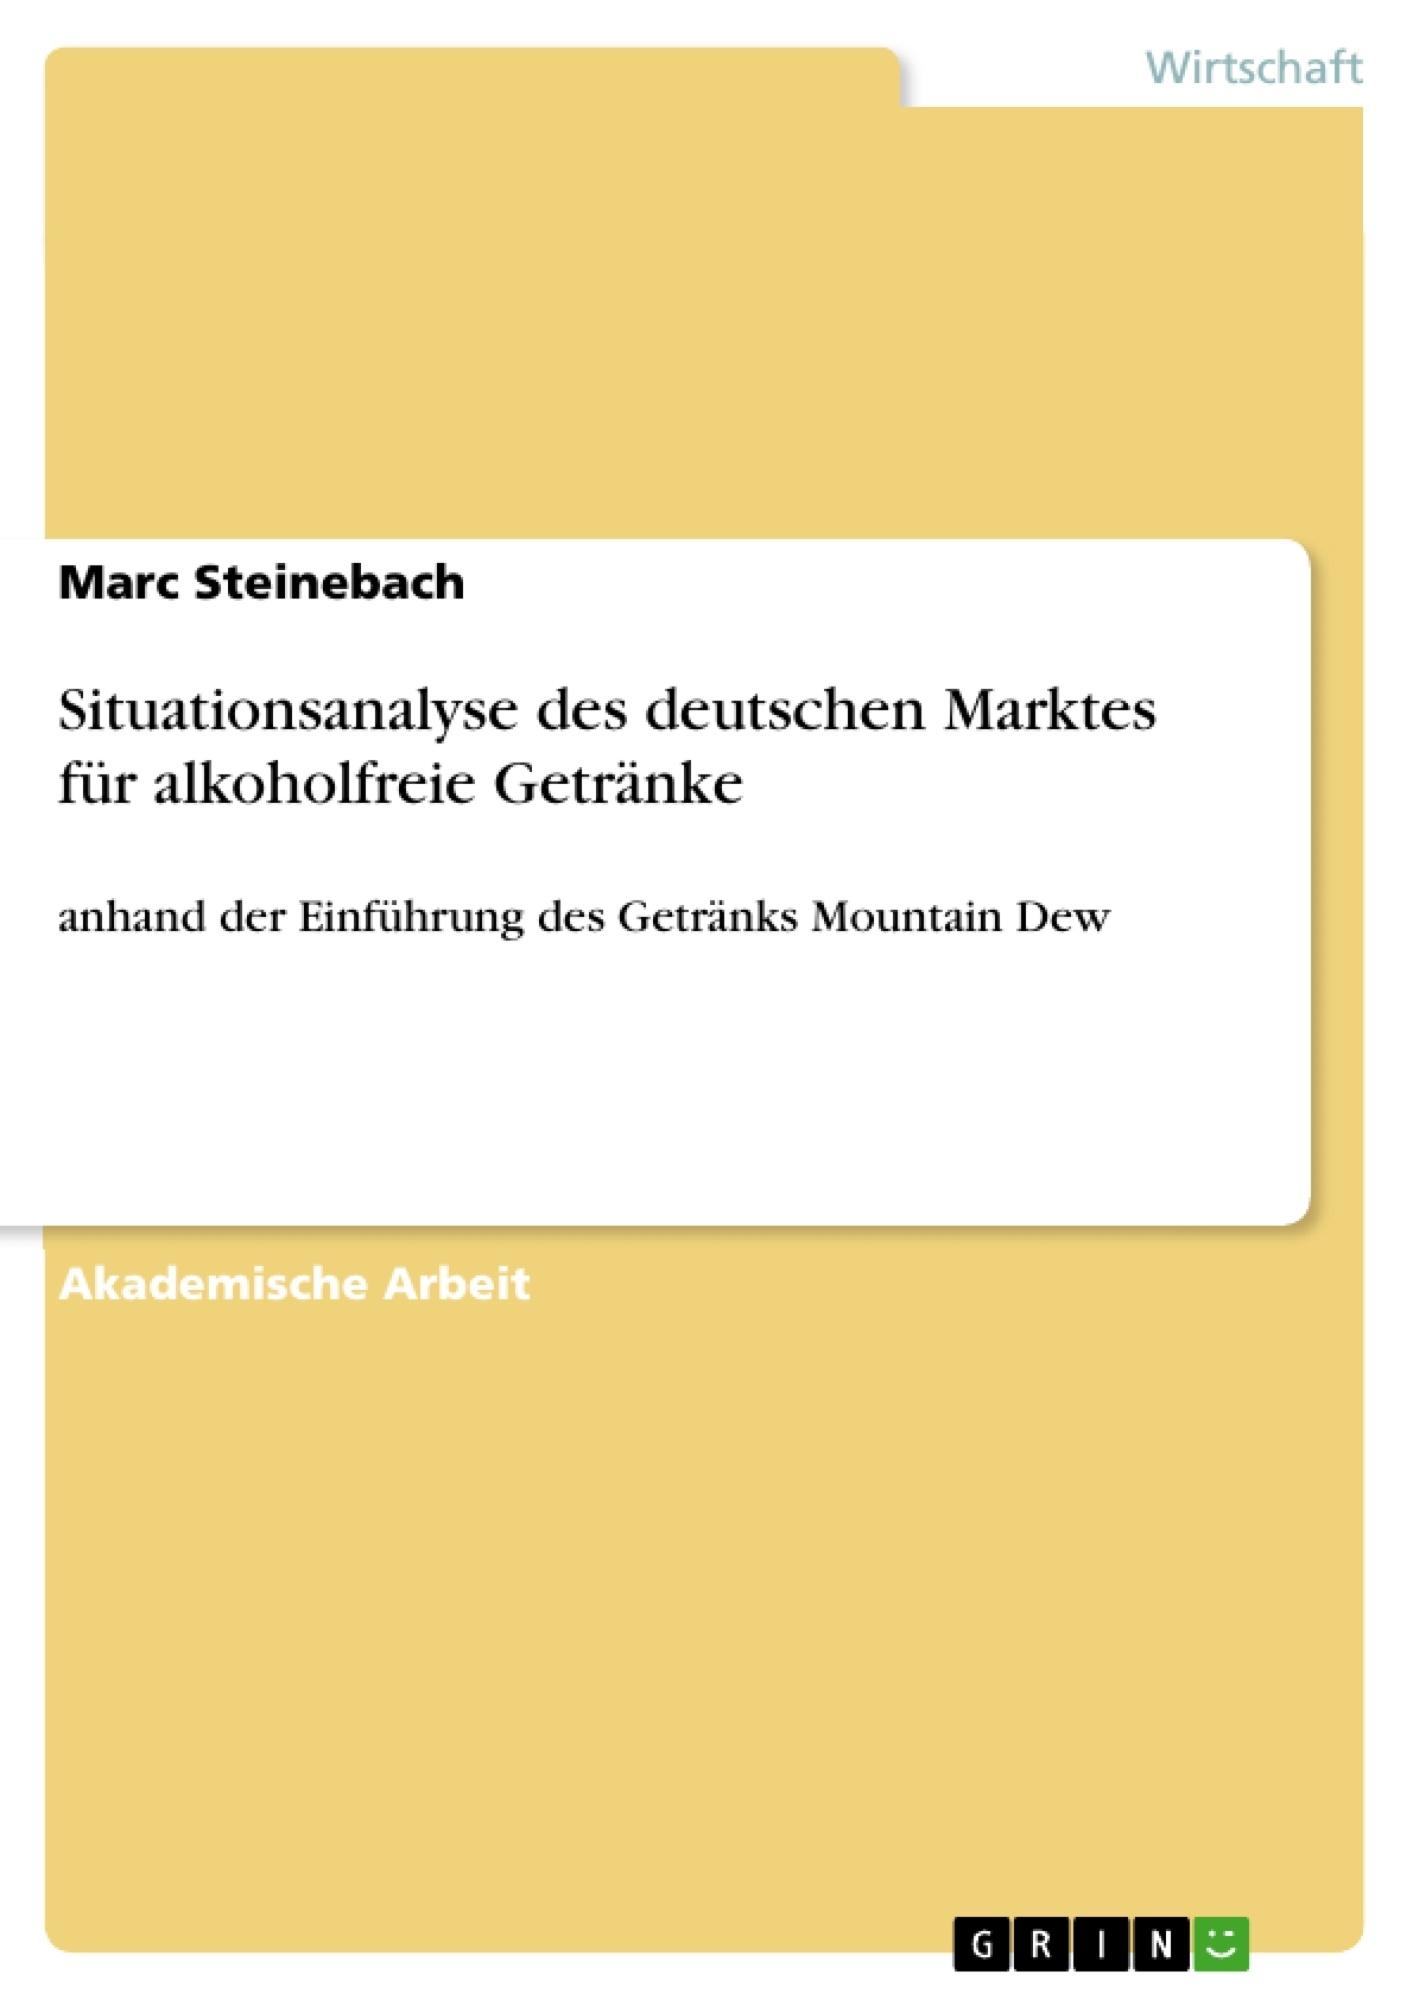 Titel: Situationsanalyse des deutschen Marktes für alkoholfreie Getränke